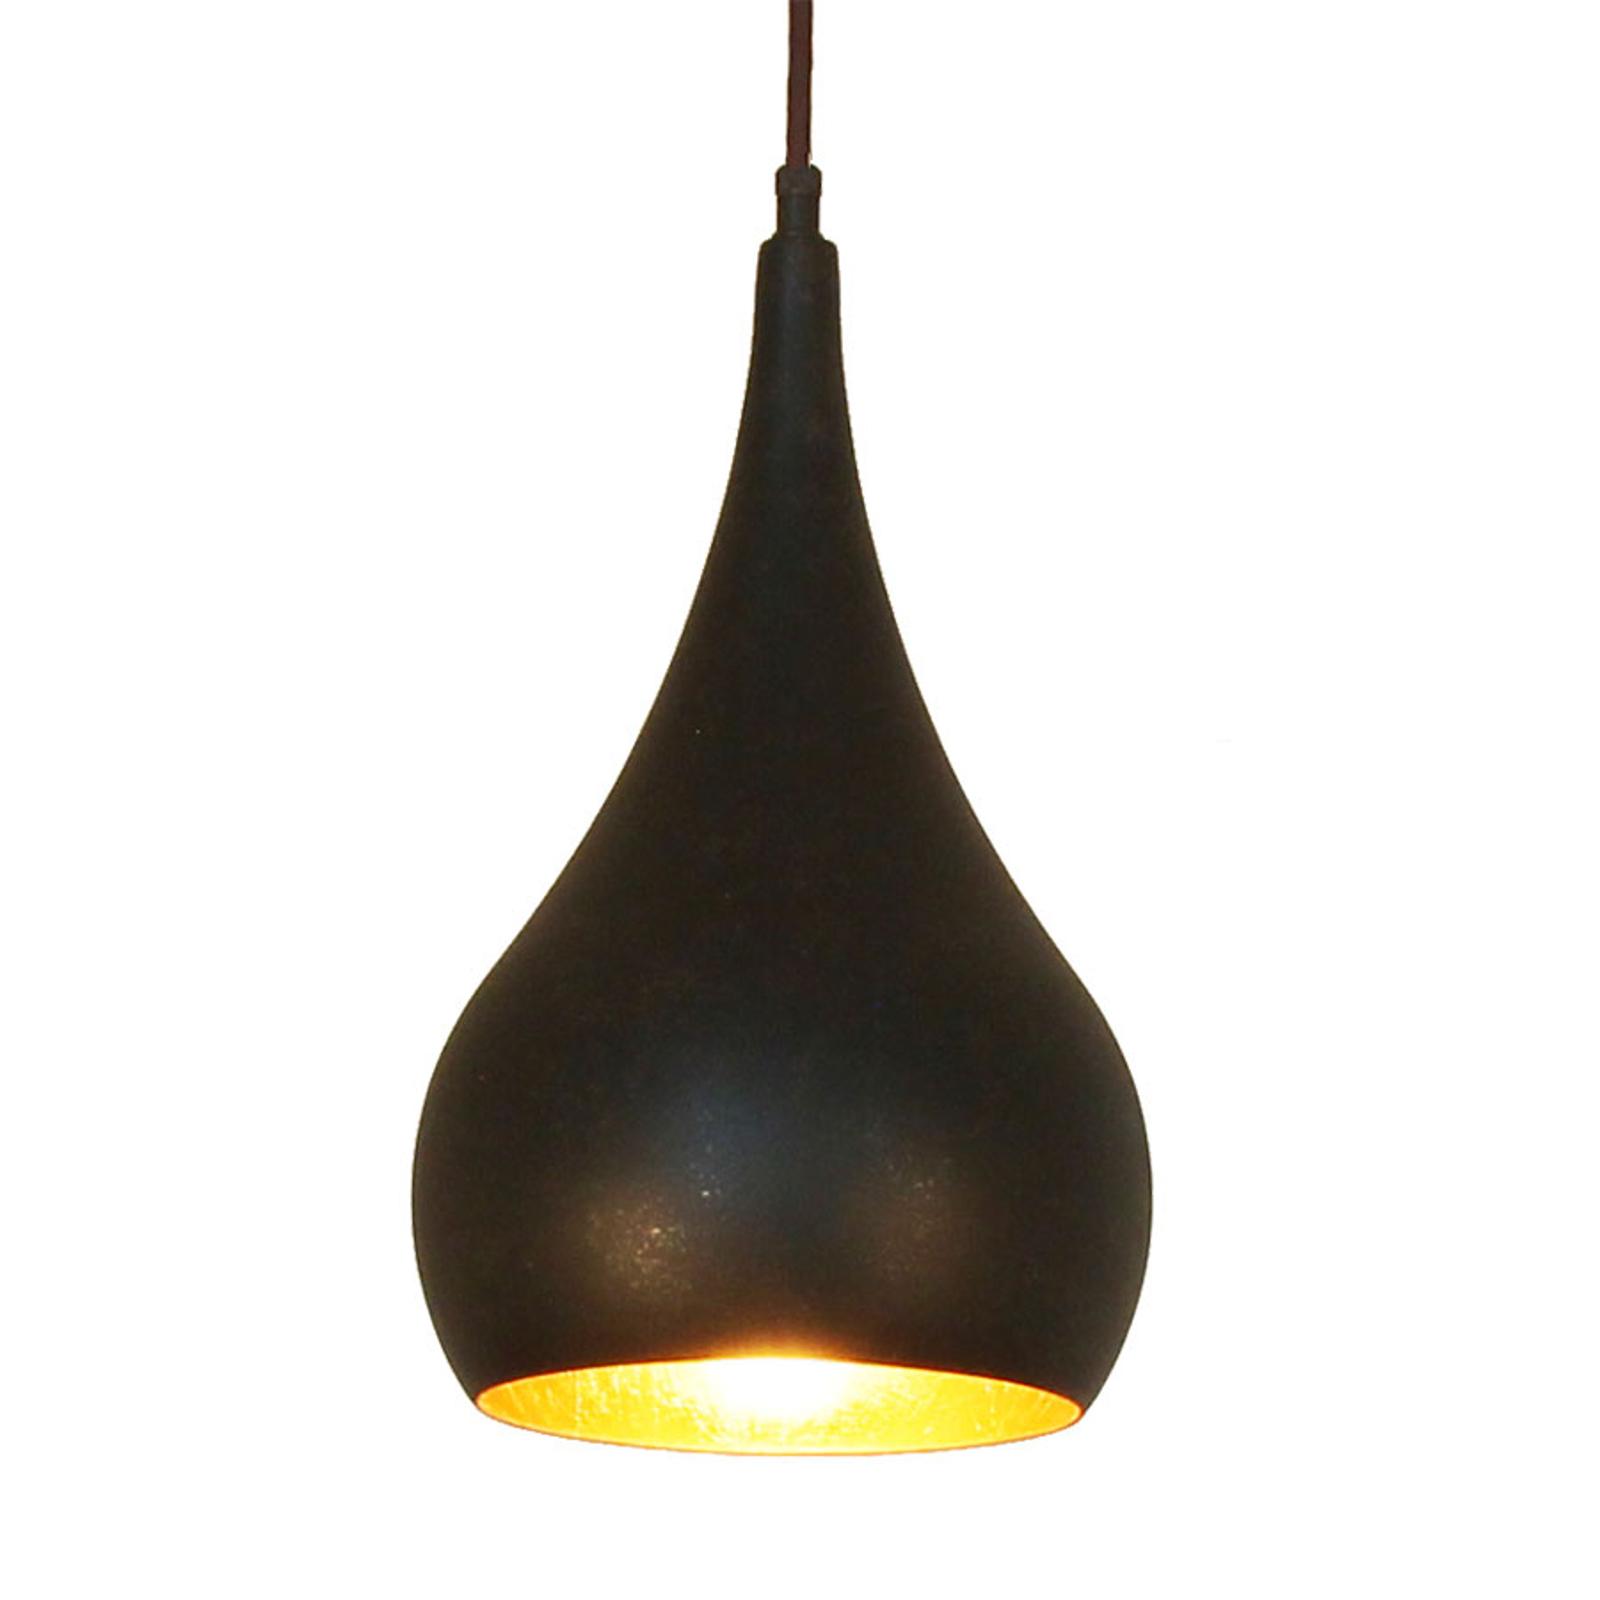 Menzel Solo -riippuvalo, sipuli, ruskea-musta 16cm